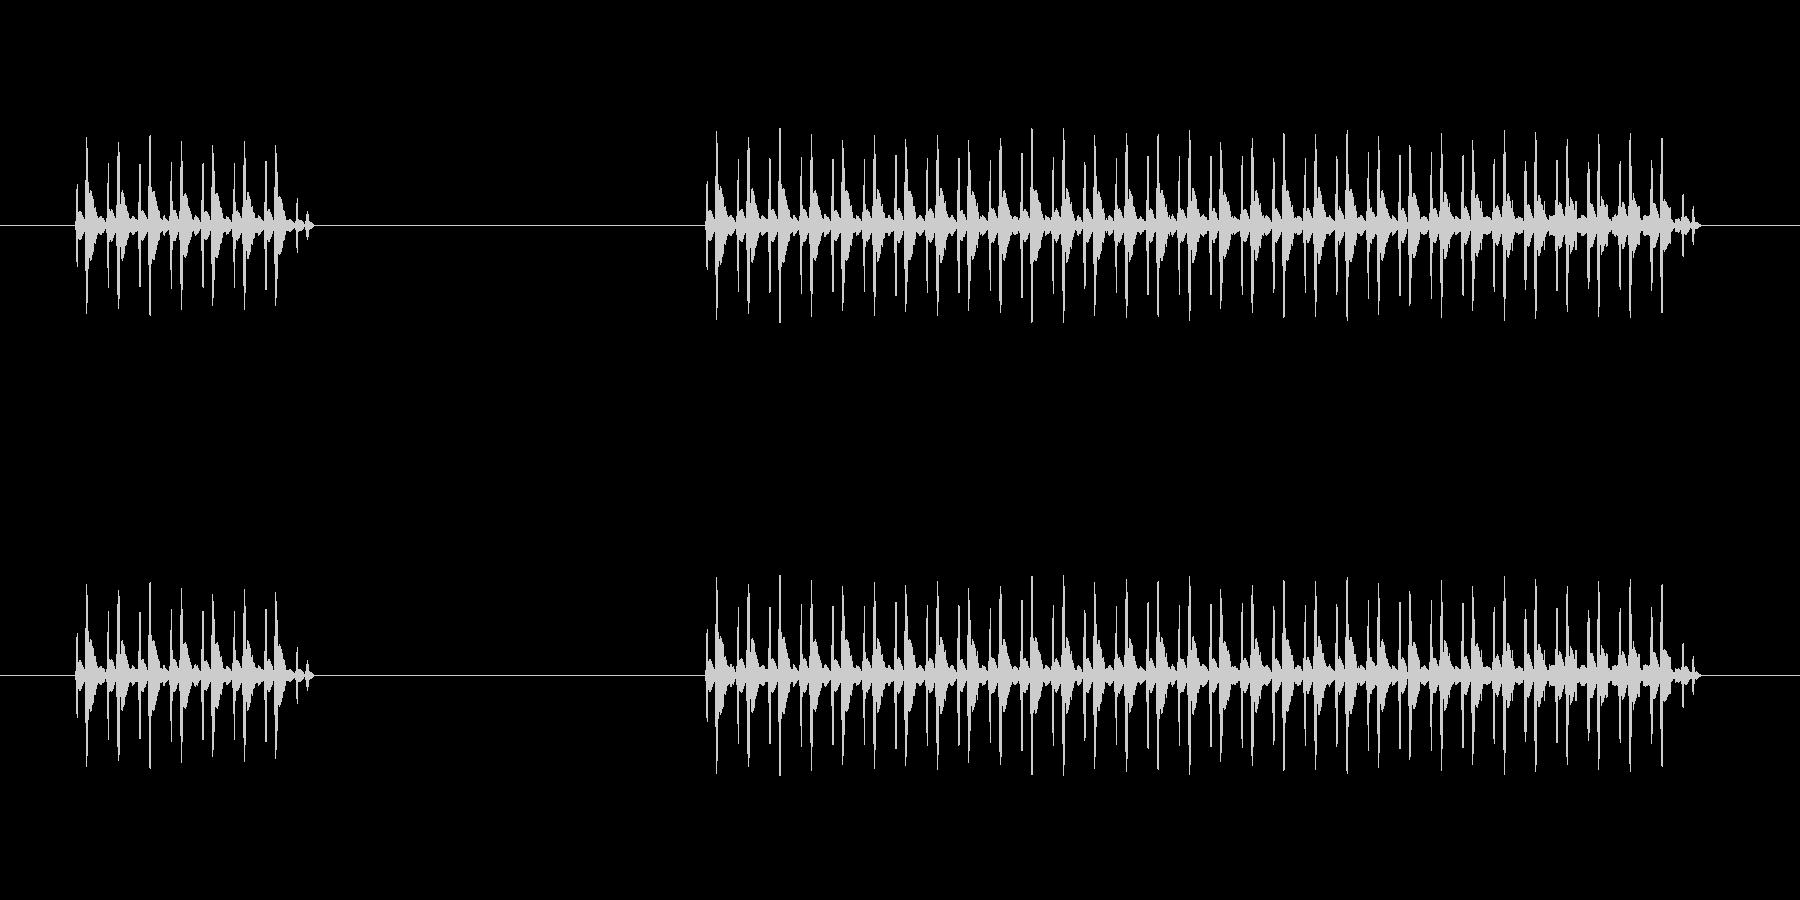 ゲーム、クイズ(ブー音)_004の未再生の波形